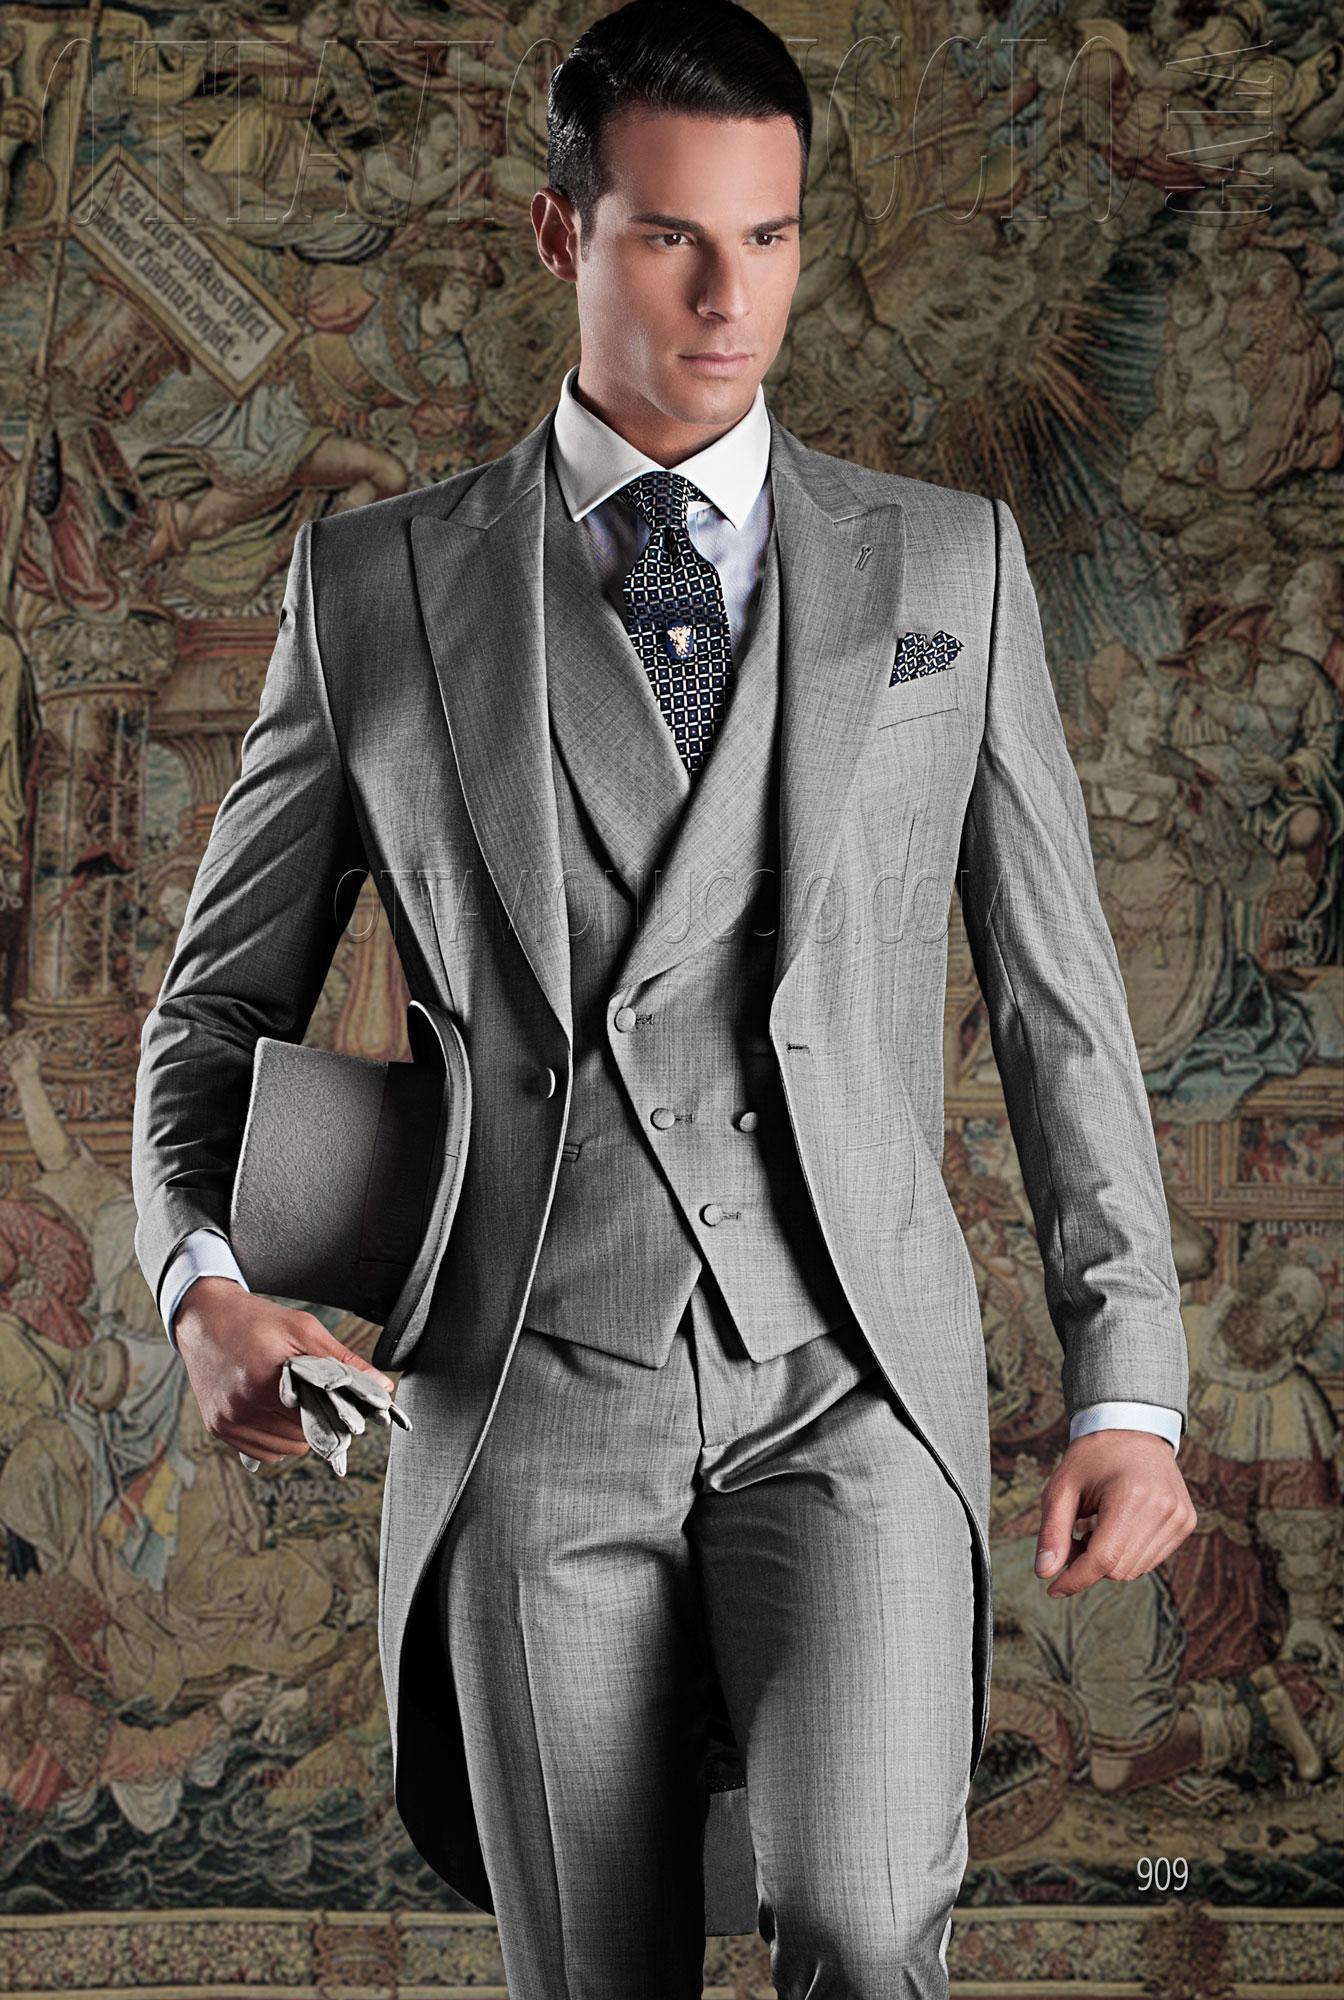 Abito da cerimonia uomo grigio chiaro modello Tight 30d56c9e3ba